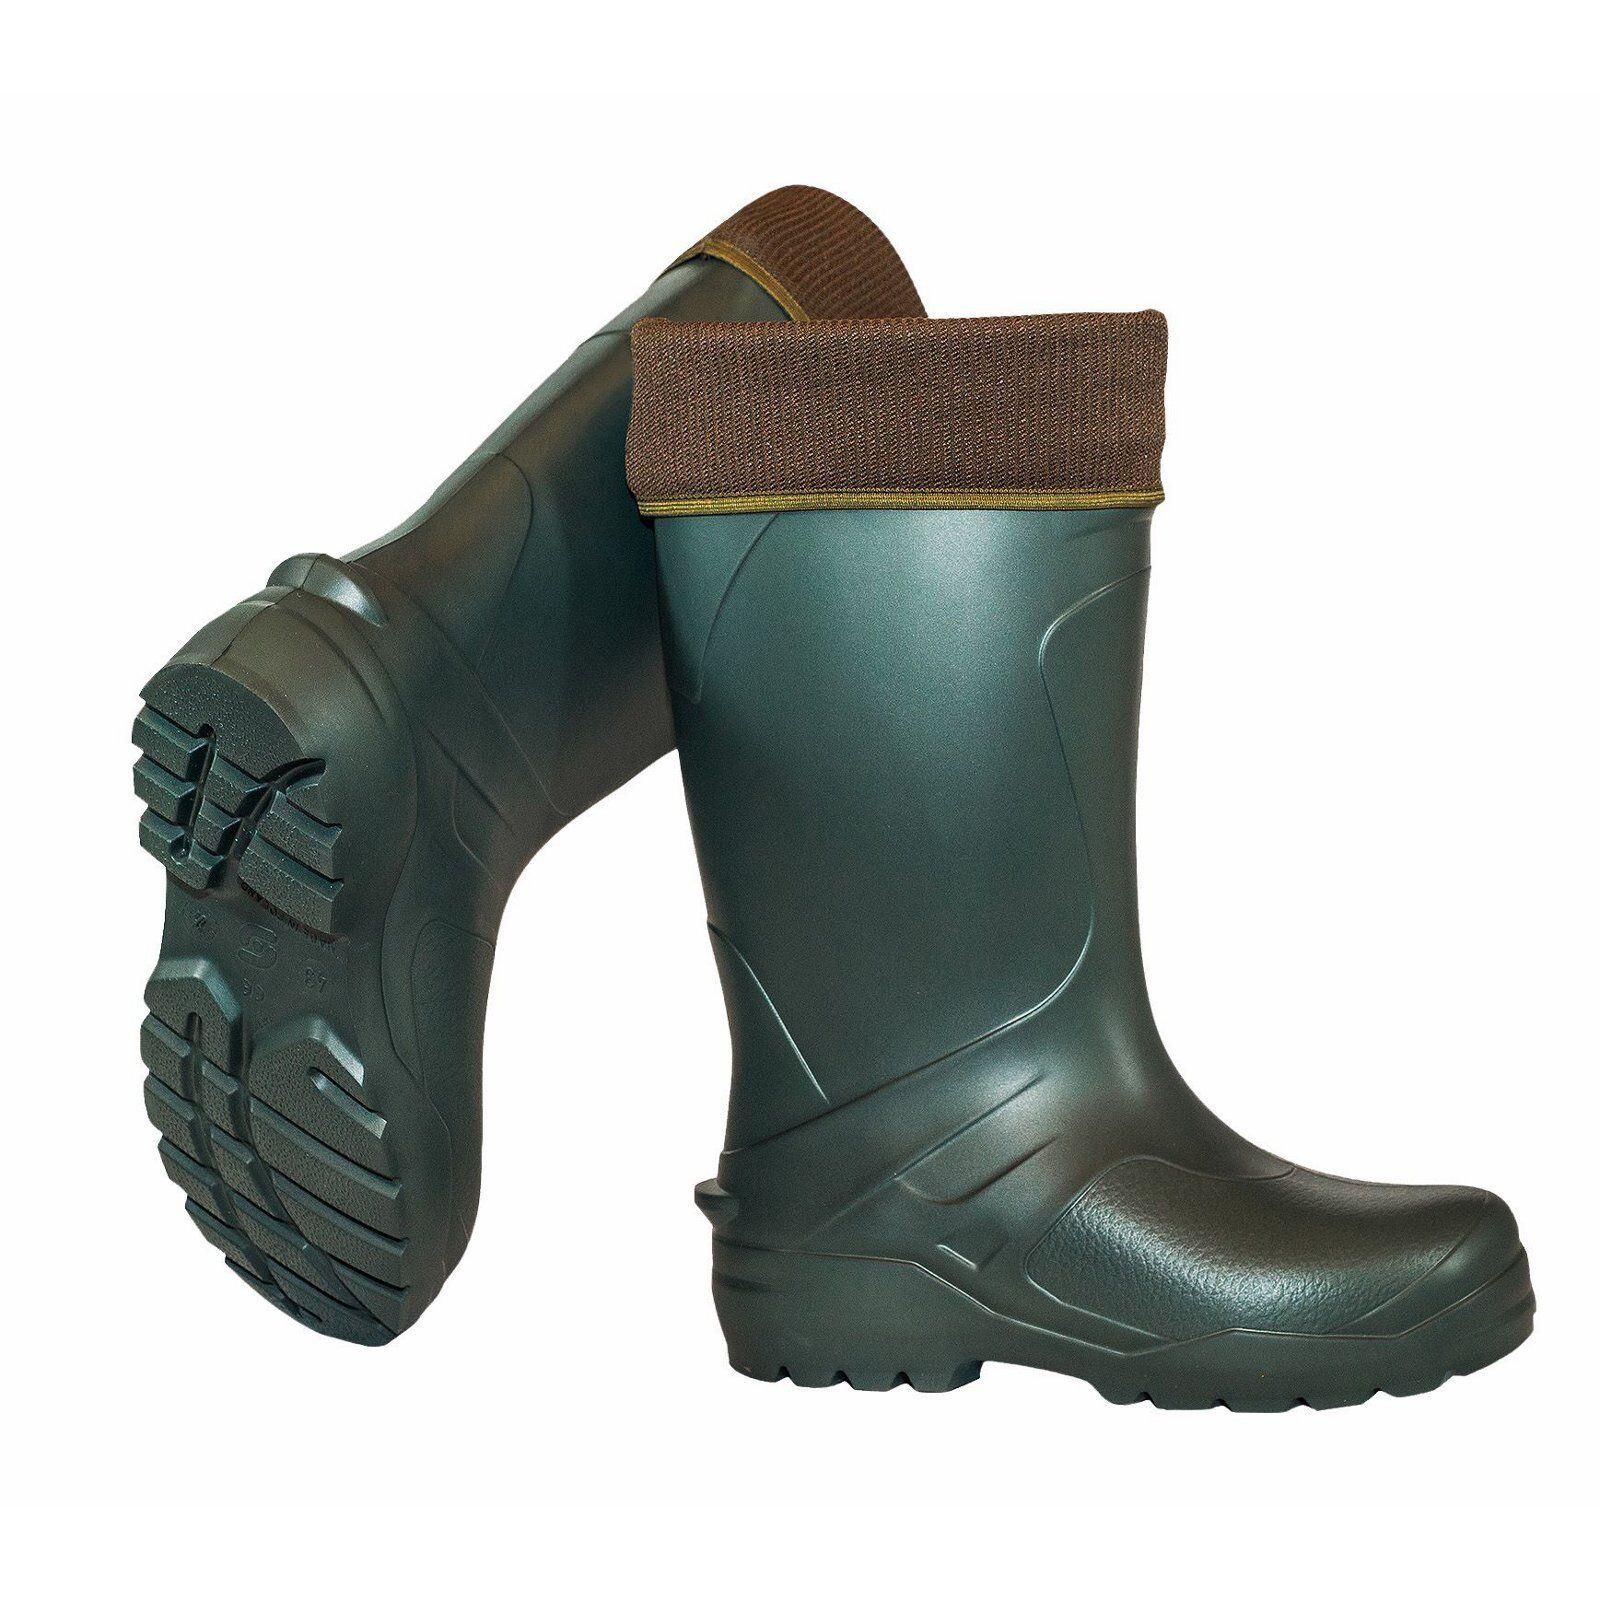 Crosslander Herrenstiefel Vancouver Vancouver Vancouver - grün - 47 Schuhe Winter Stiefel warm Herren 997341